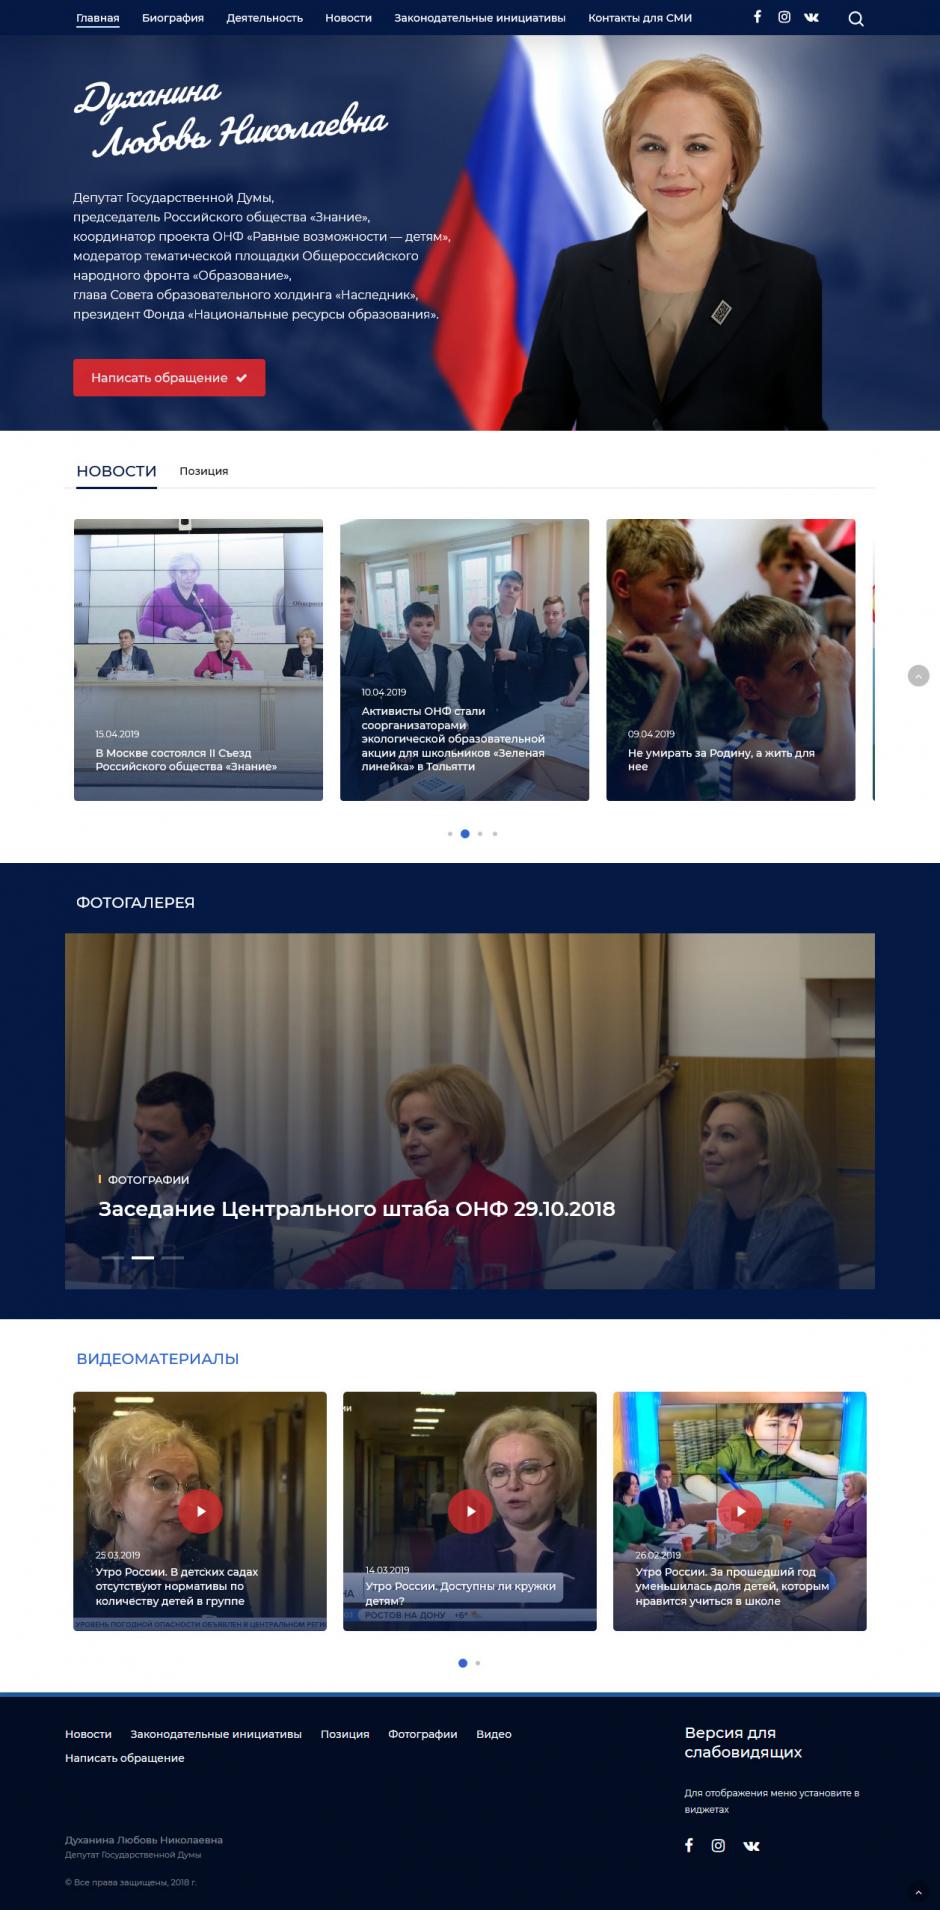 Духанина Любовь Николаевна. Депутат Государственной Думы